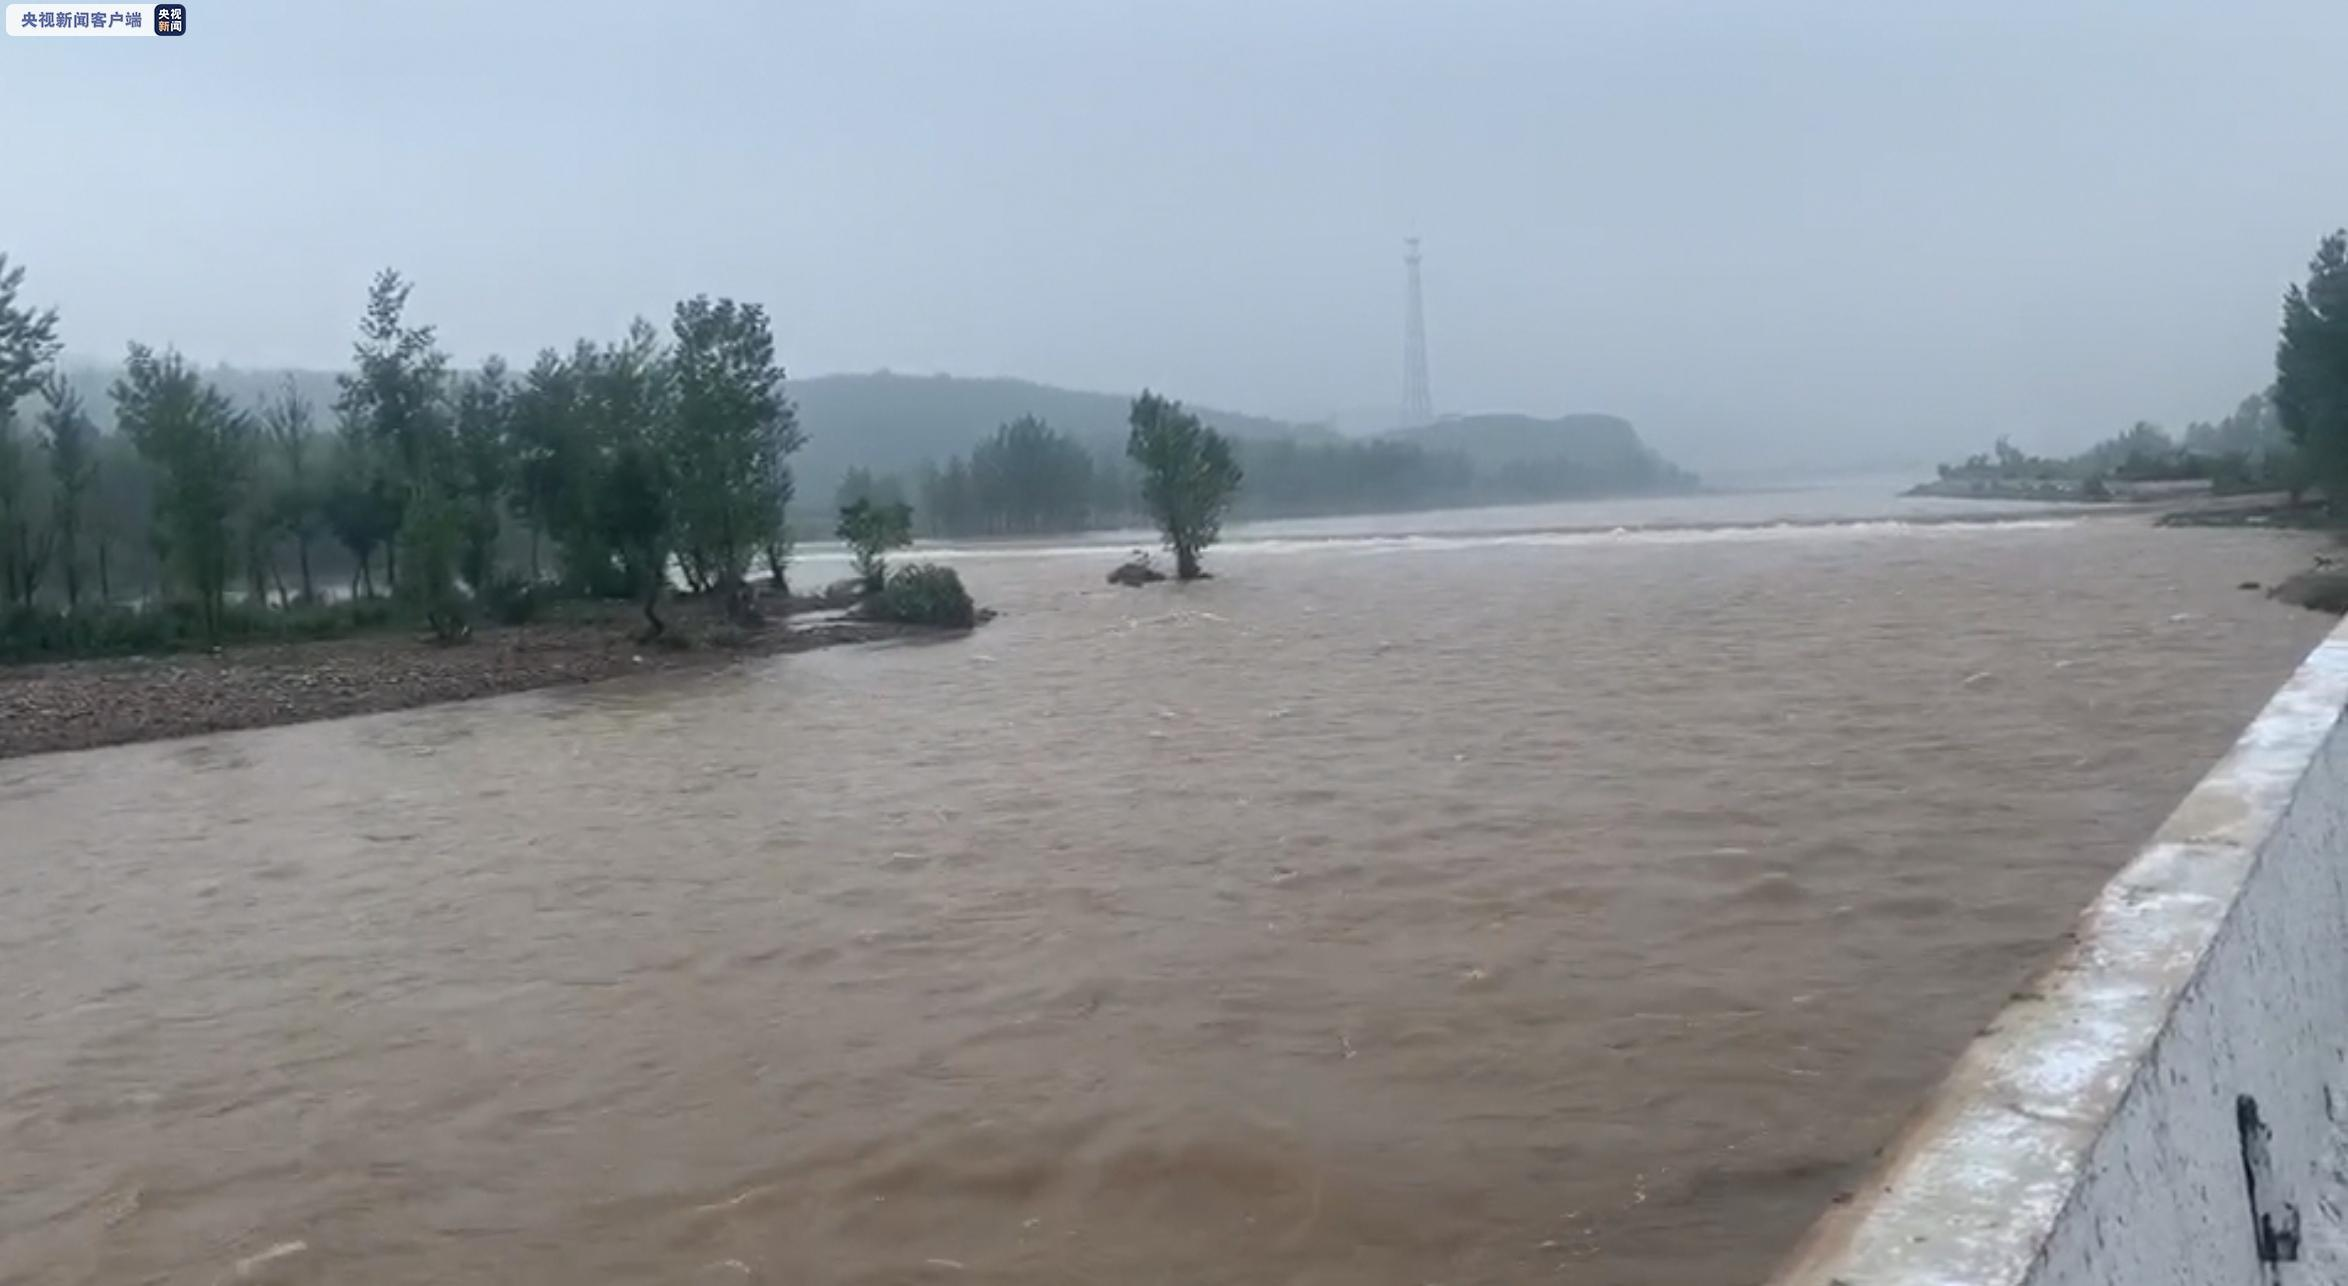 2.4万人转移避险 辽宁强降雨致24座水库超汛限